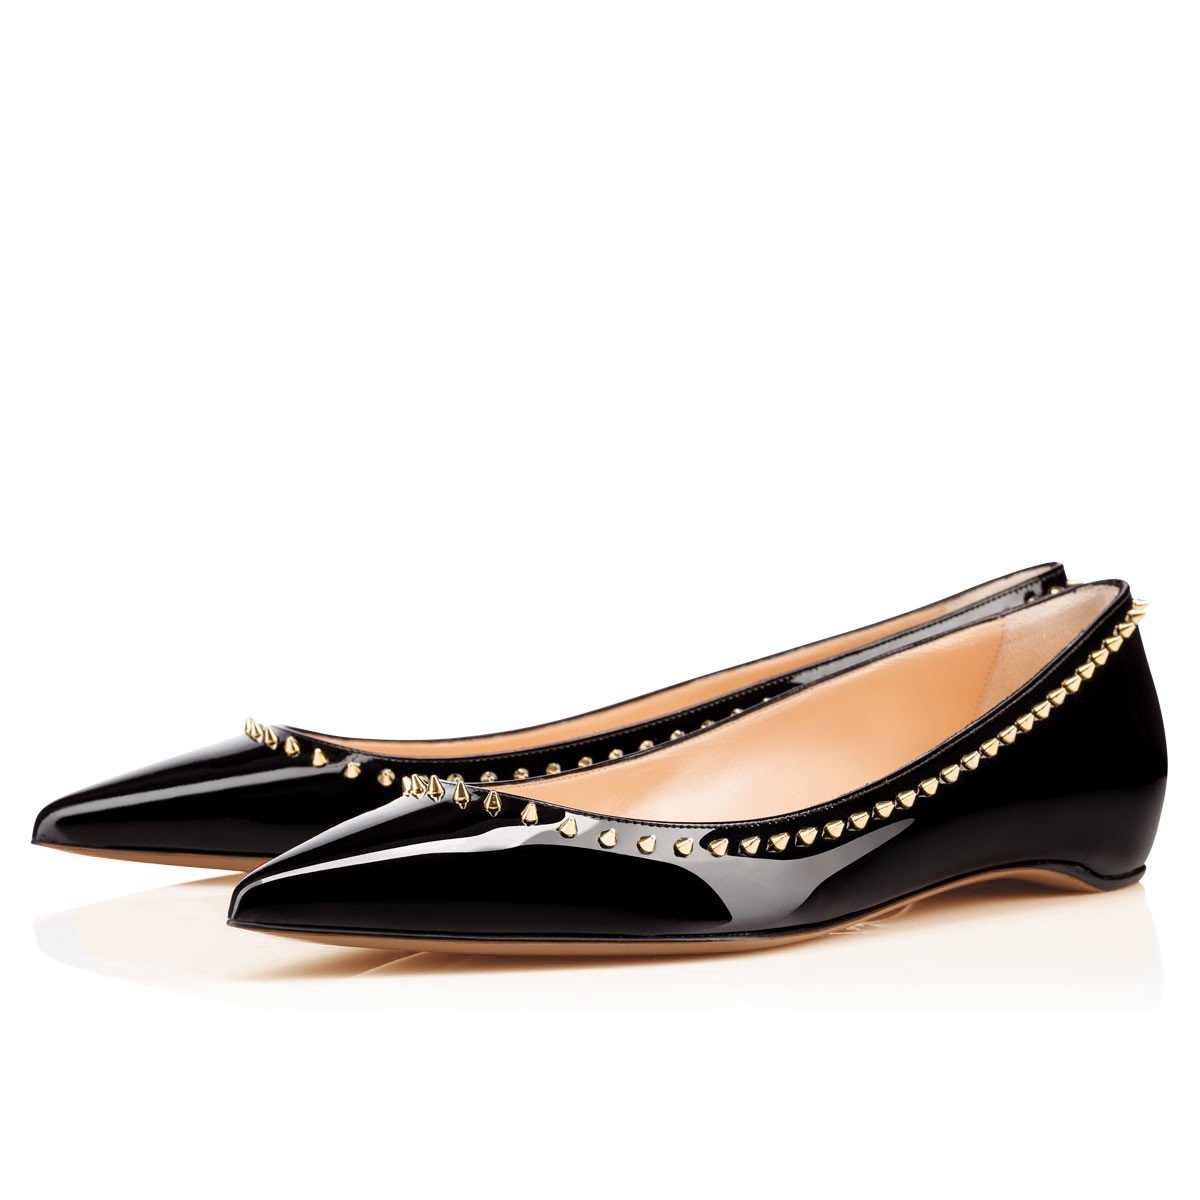 Arc-en-Ciel007 Women's Shoes Studded Patent Leather Flat B07D2HYZMT 5 B(M) US|Black